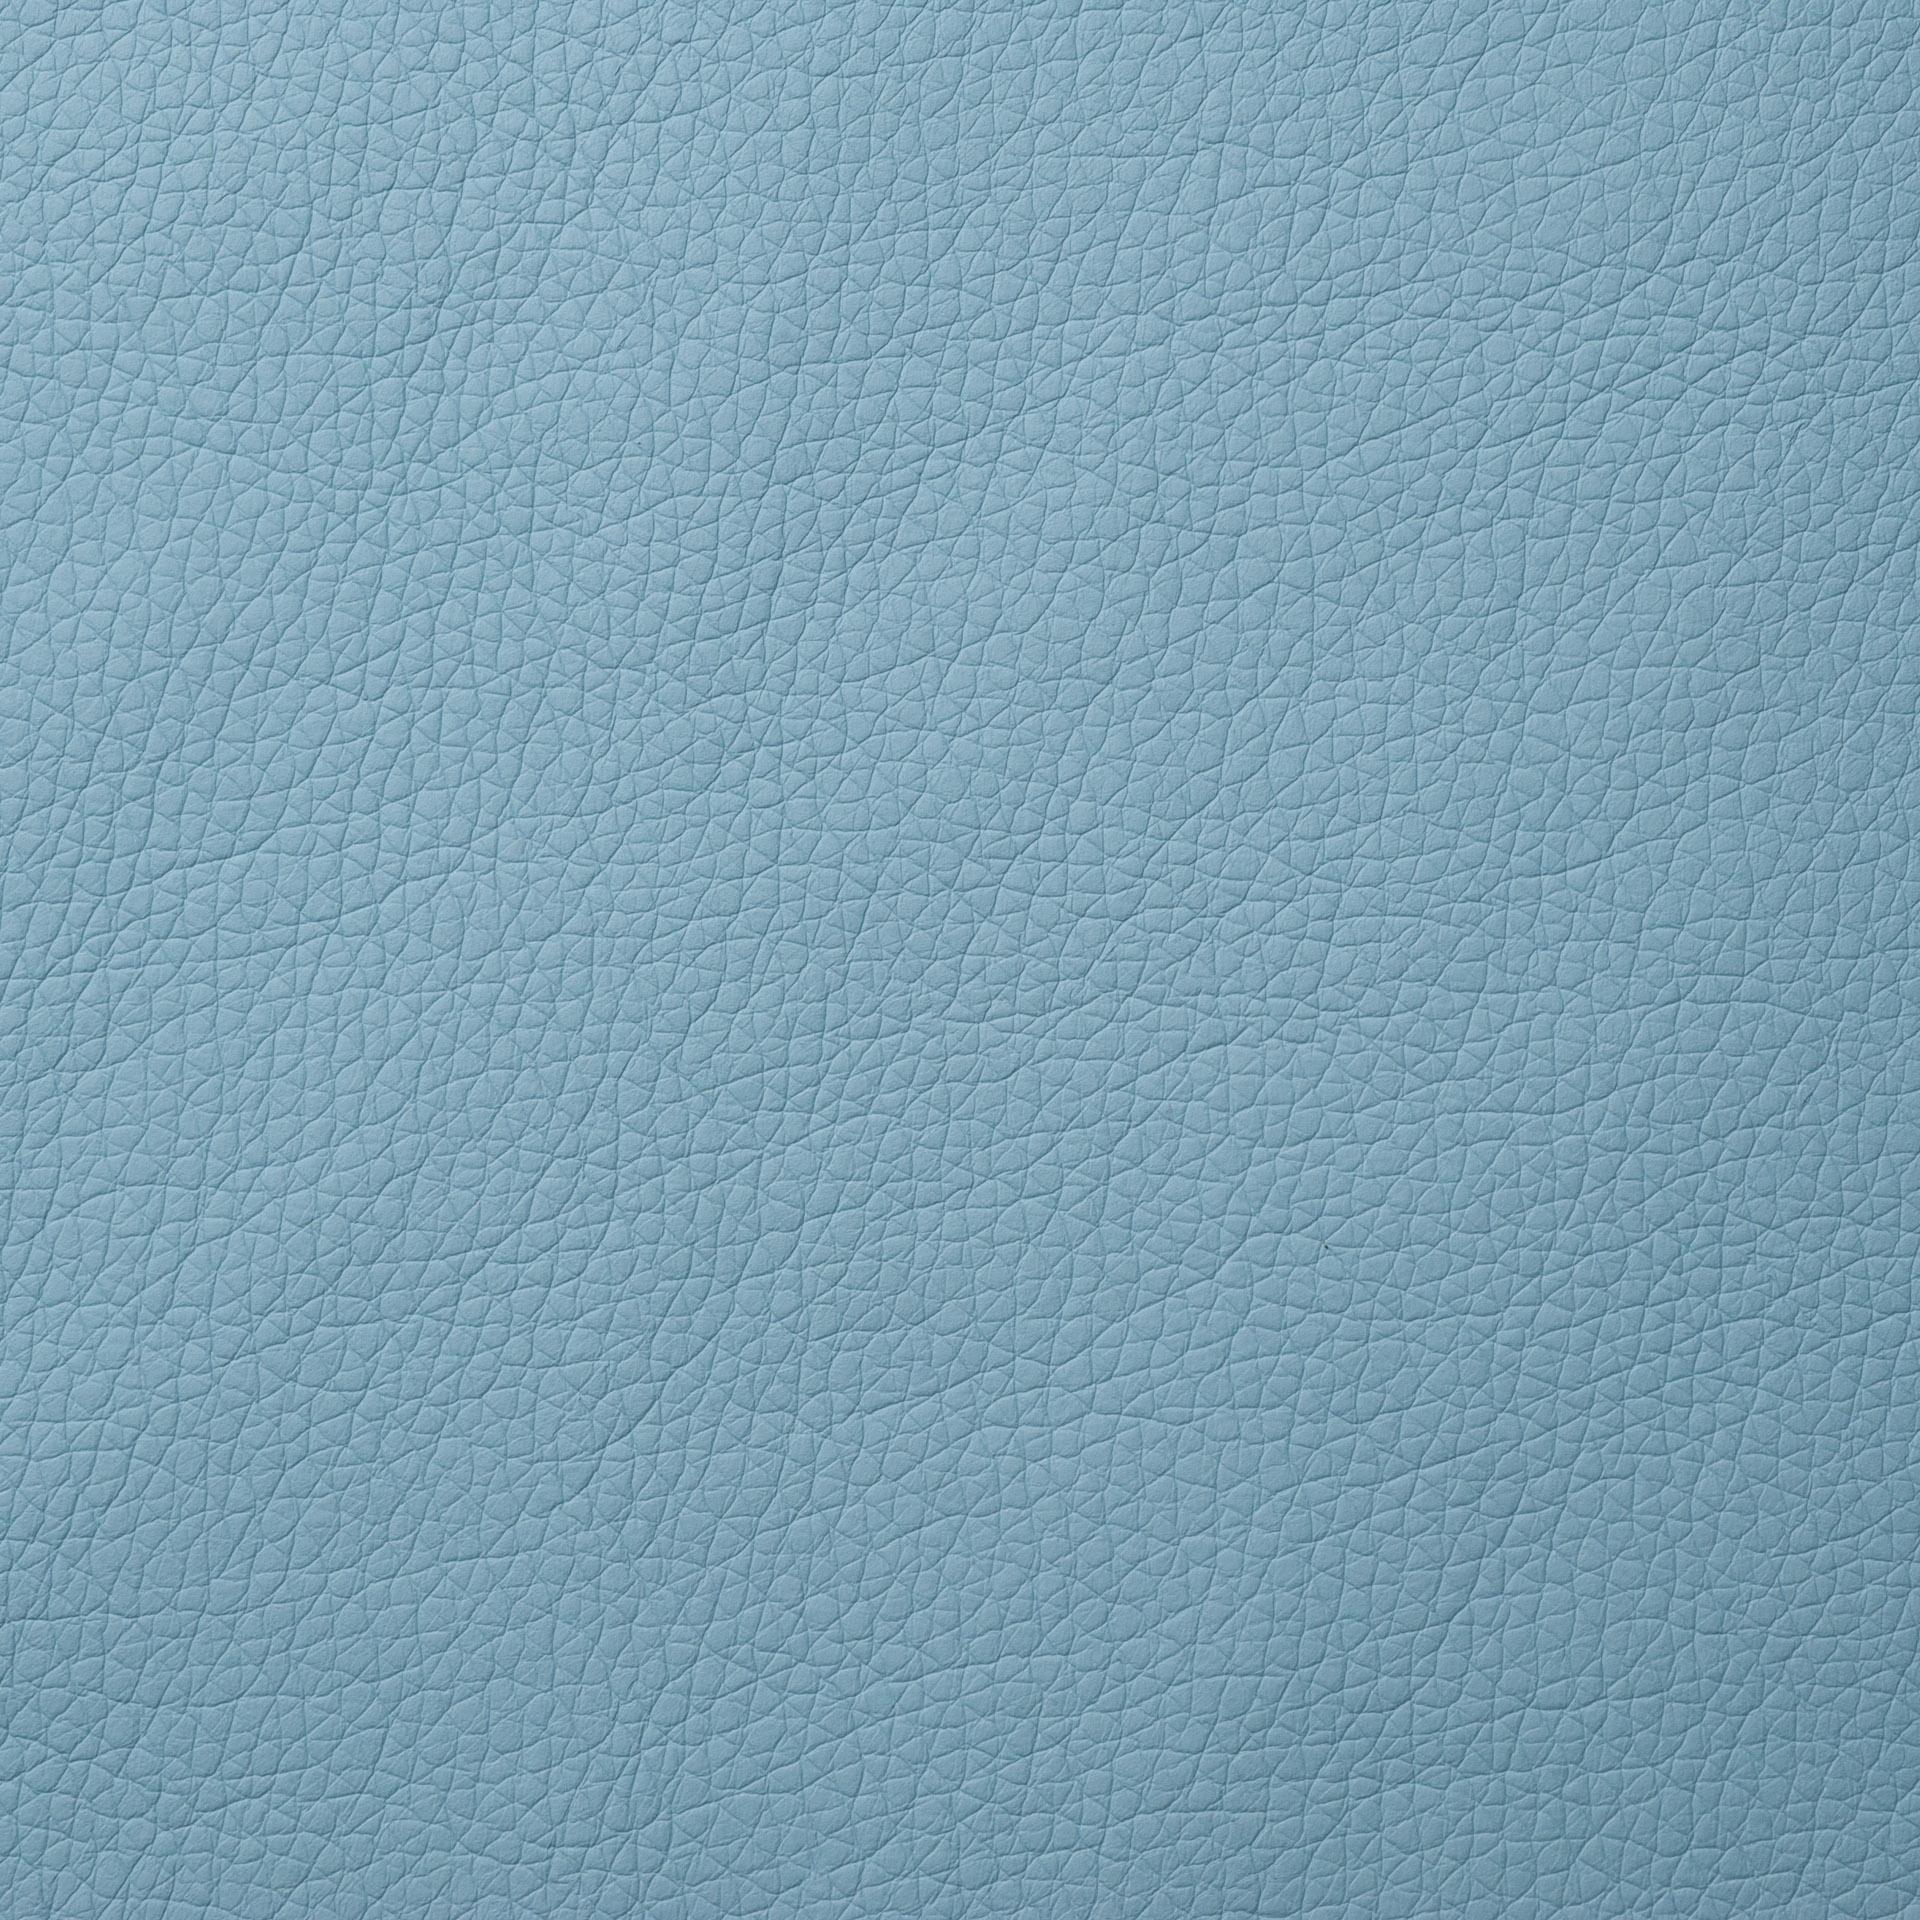 Коллекция ткани Флай 2220,  купить ткань Кож зам для мебели Украина